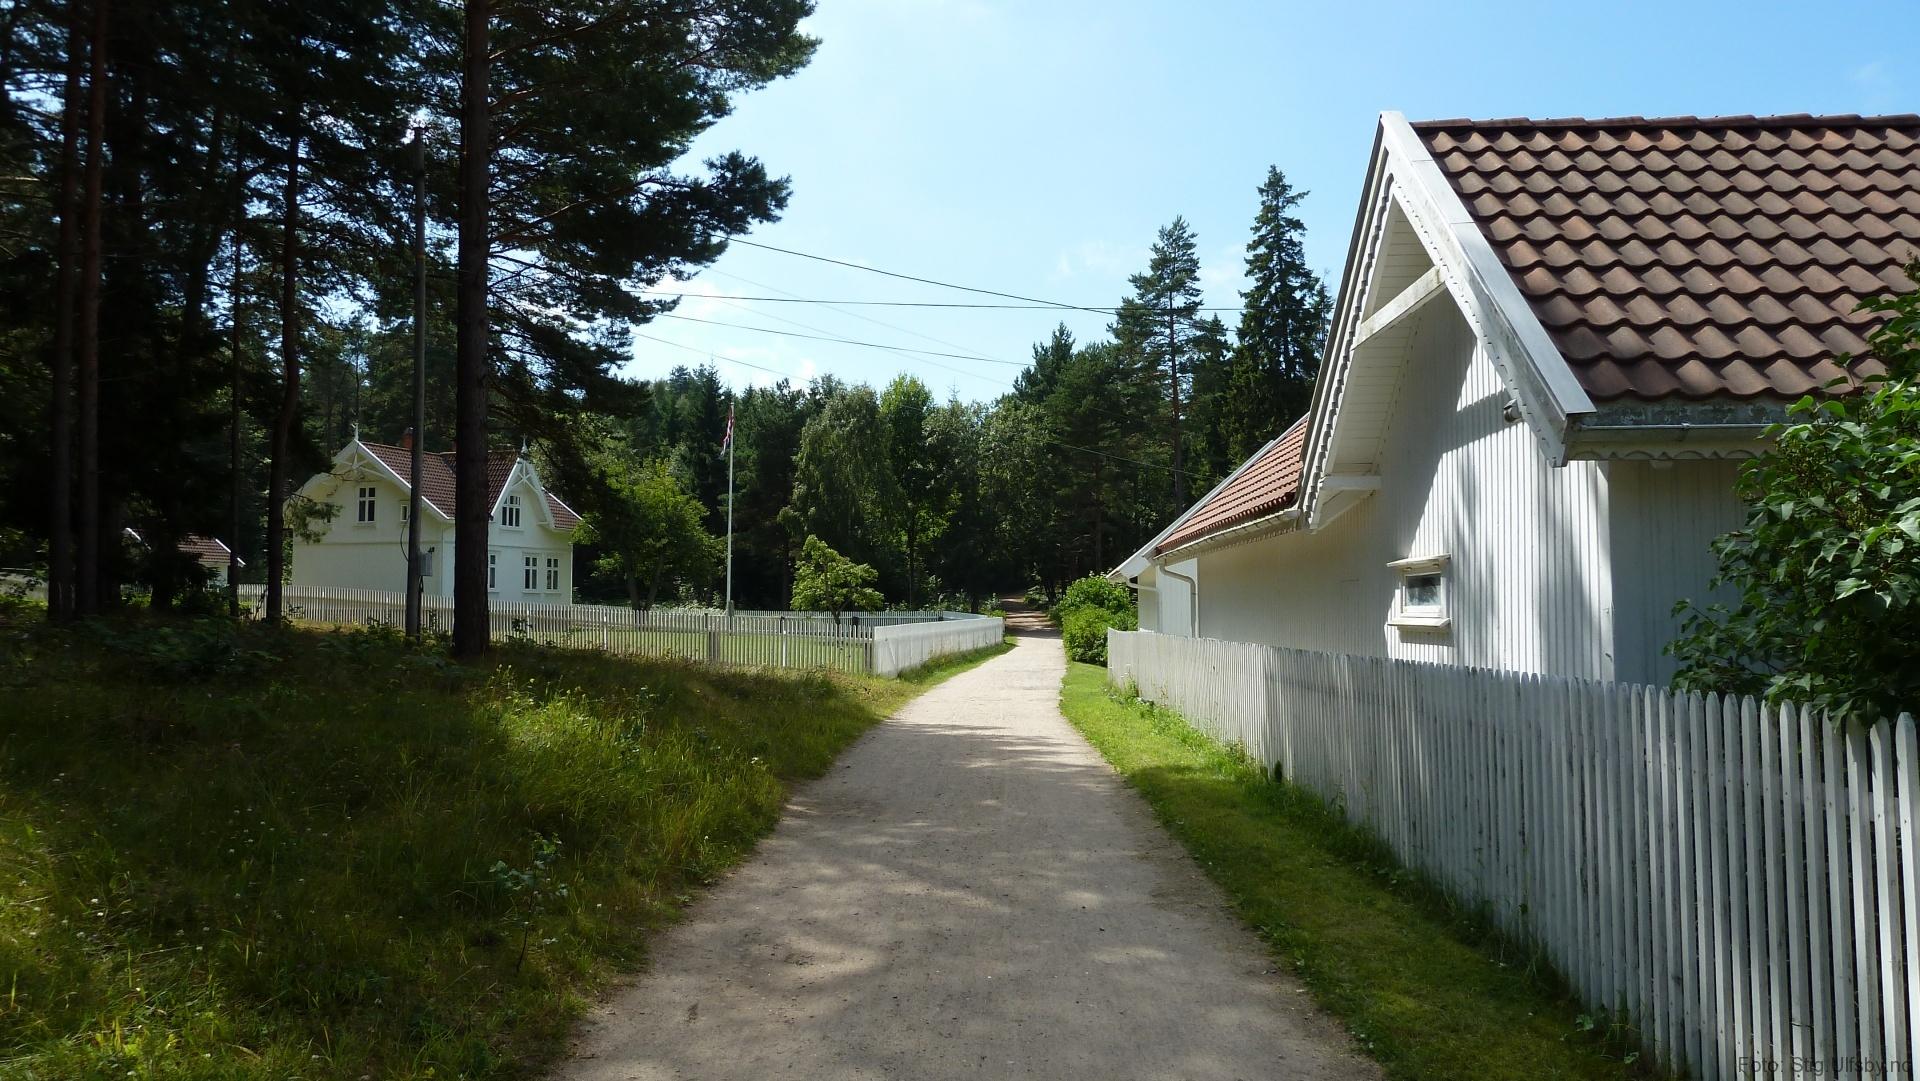 Gravningen, Søndre Sandøy, Hvaler juli 2010